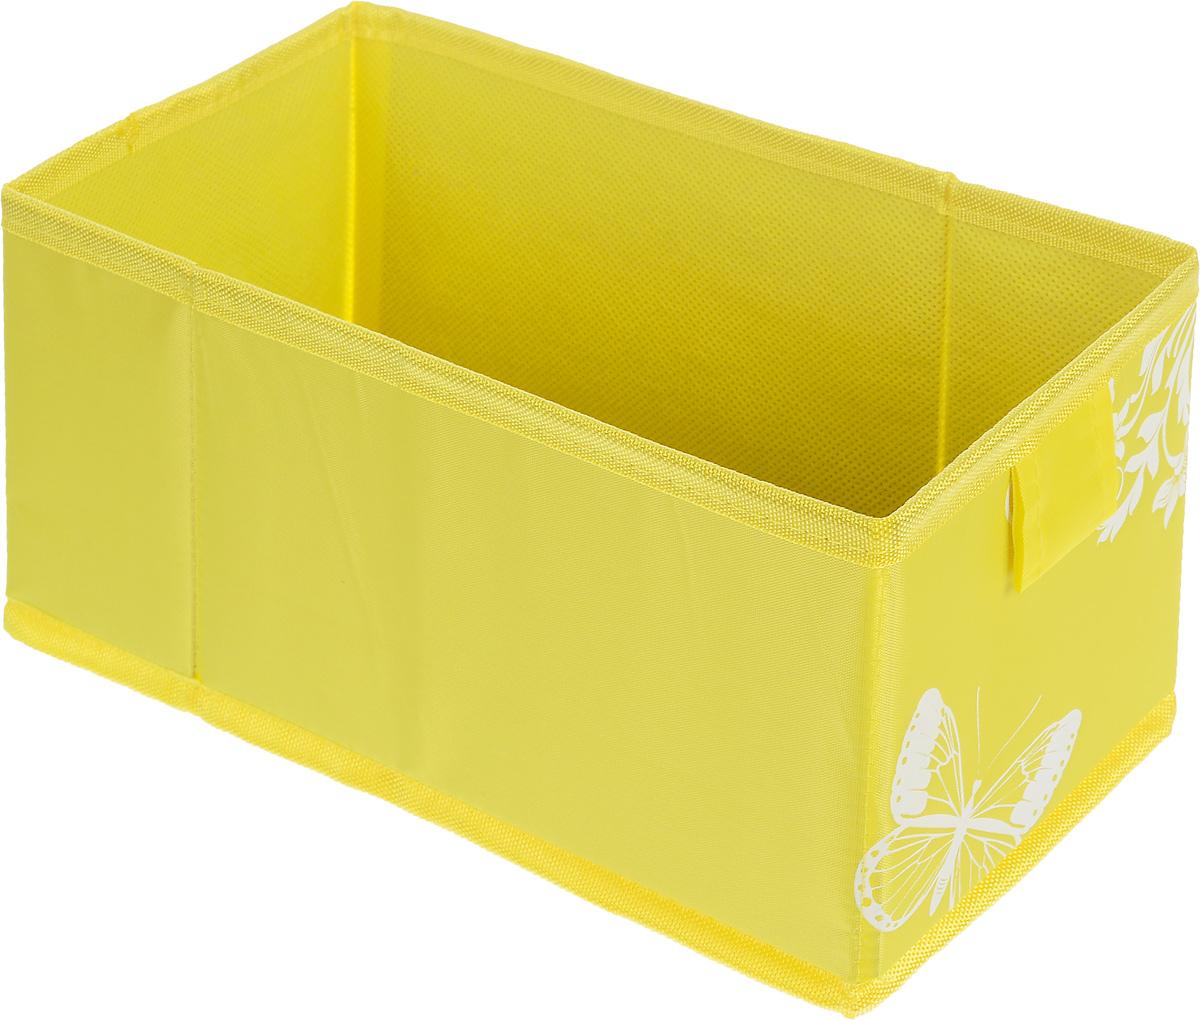 Коробка для хранения Hausmann Butterfly, цвет: желтый, 13 x 27 x 12,5 смPANTERA SPX-2RSКоробка для хранения вещей Hausmann Butterfly поможет легко организовать пространство в шкафу или в гардеробе. Изделие выполнено из нетканого материала и полиэстера. Коробка держит форму благодаря жесткой вставке из картона, которая устанавливается на дно. Боковая поверхность оформлена красивым принтом с изображением бабочек. В такой коробке удобно хранить нижнее белье, ремни и различные аксессуары.Размер кофра (в собранном виде): 13 x 27 x 12,5 см.